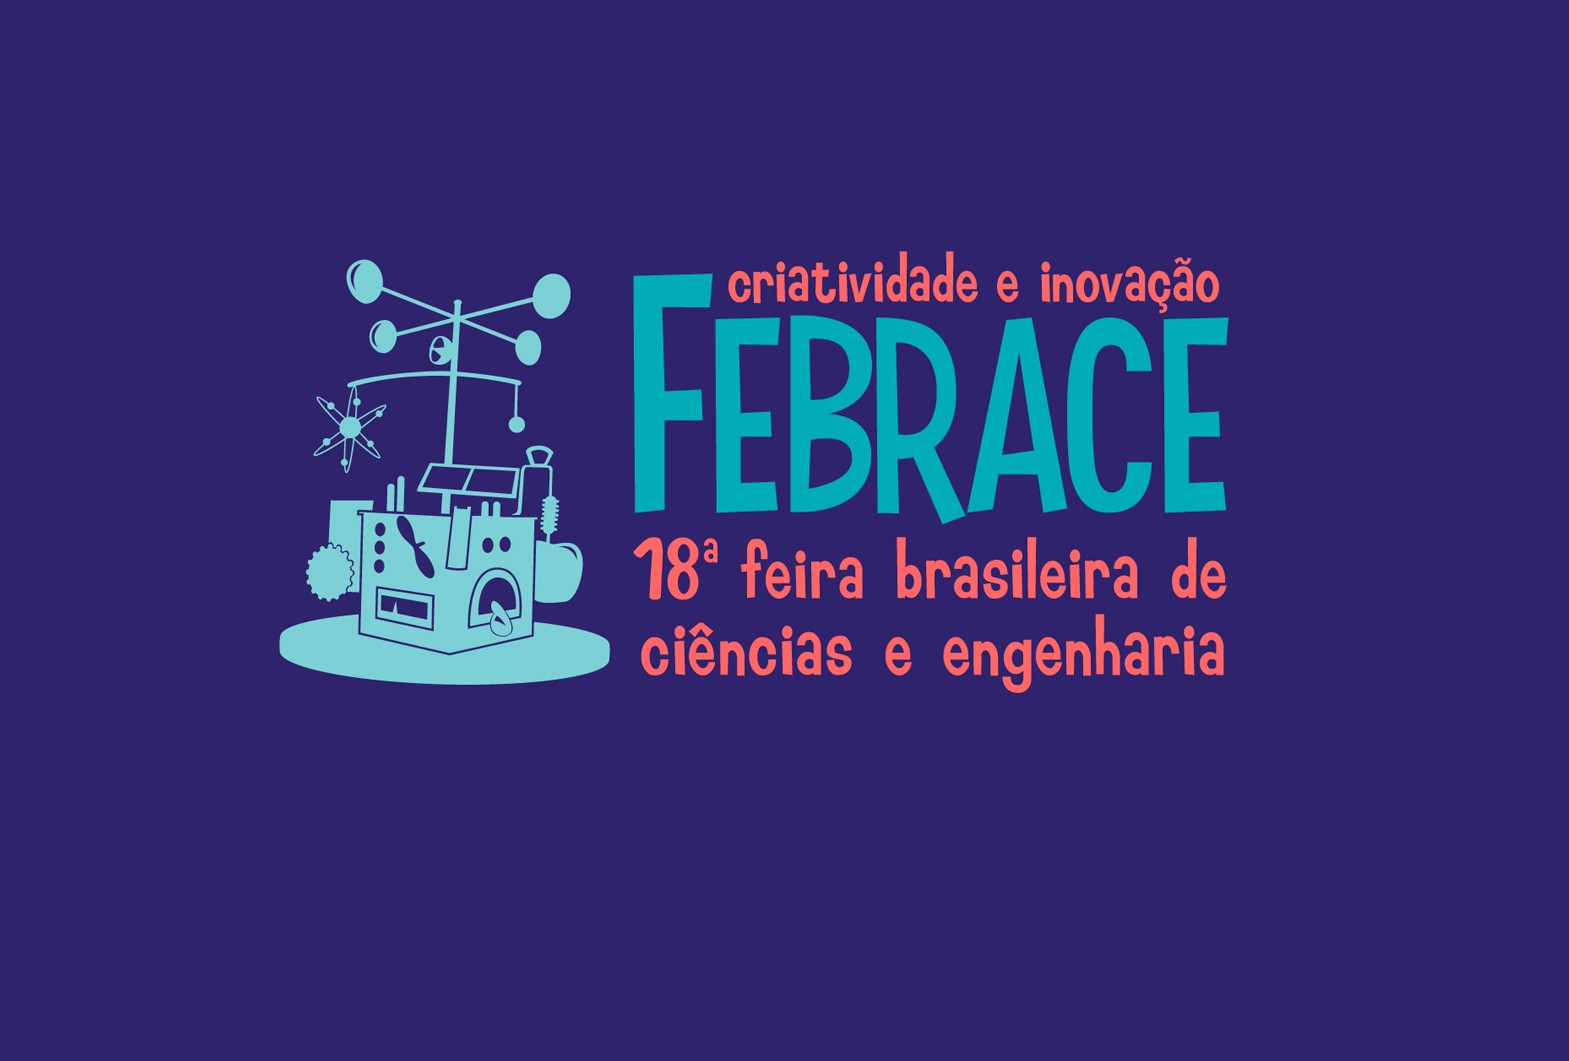 Febrace 2020 reconhece projetos científicos e atuação de professor do IF Baiano